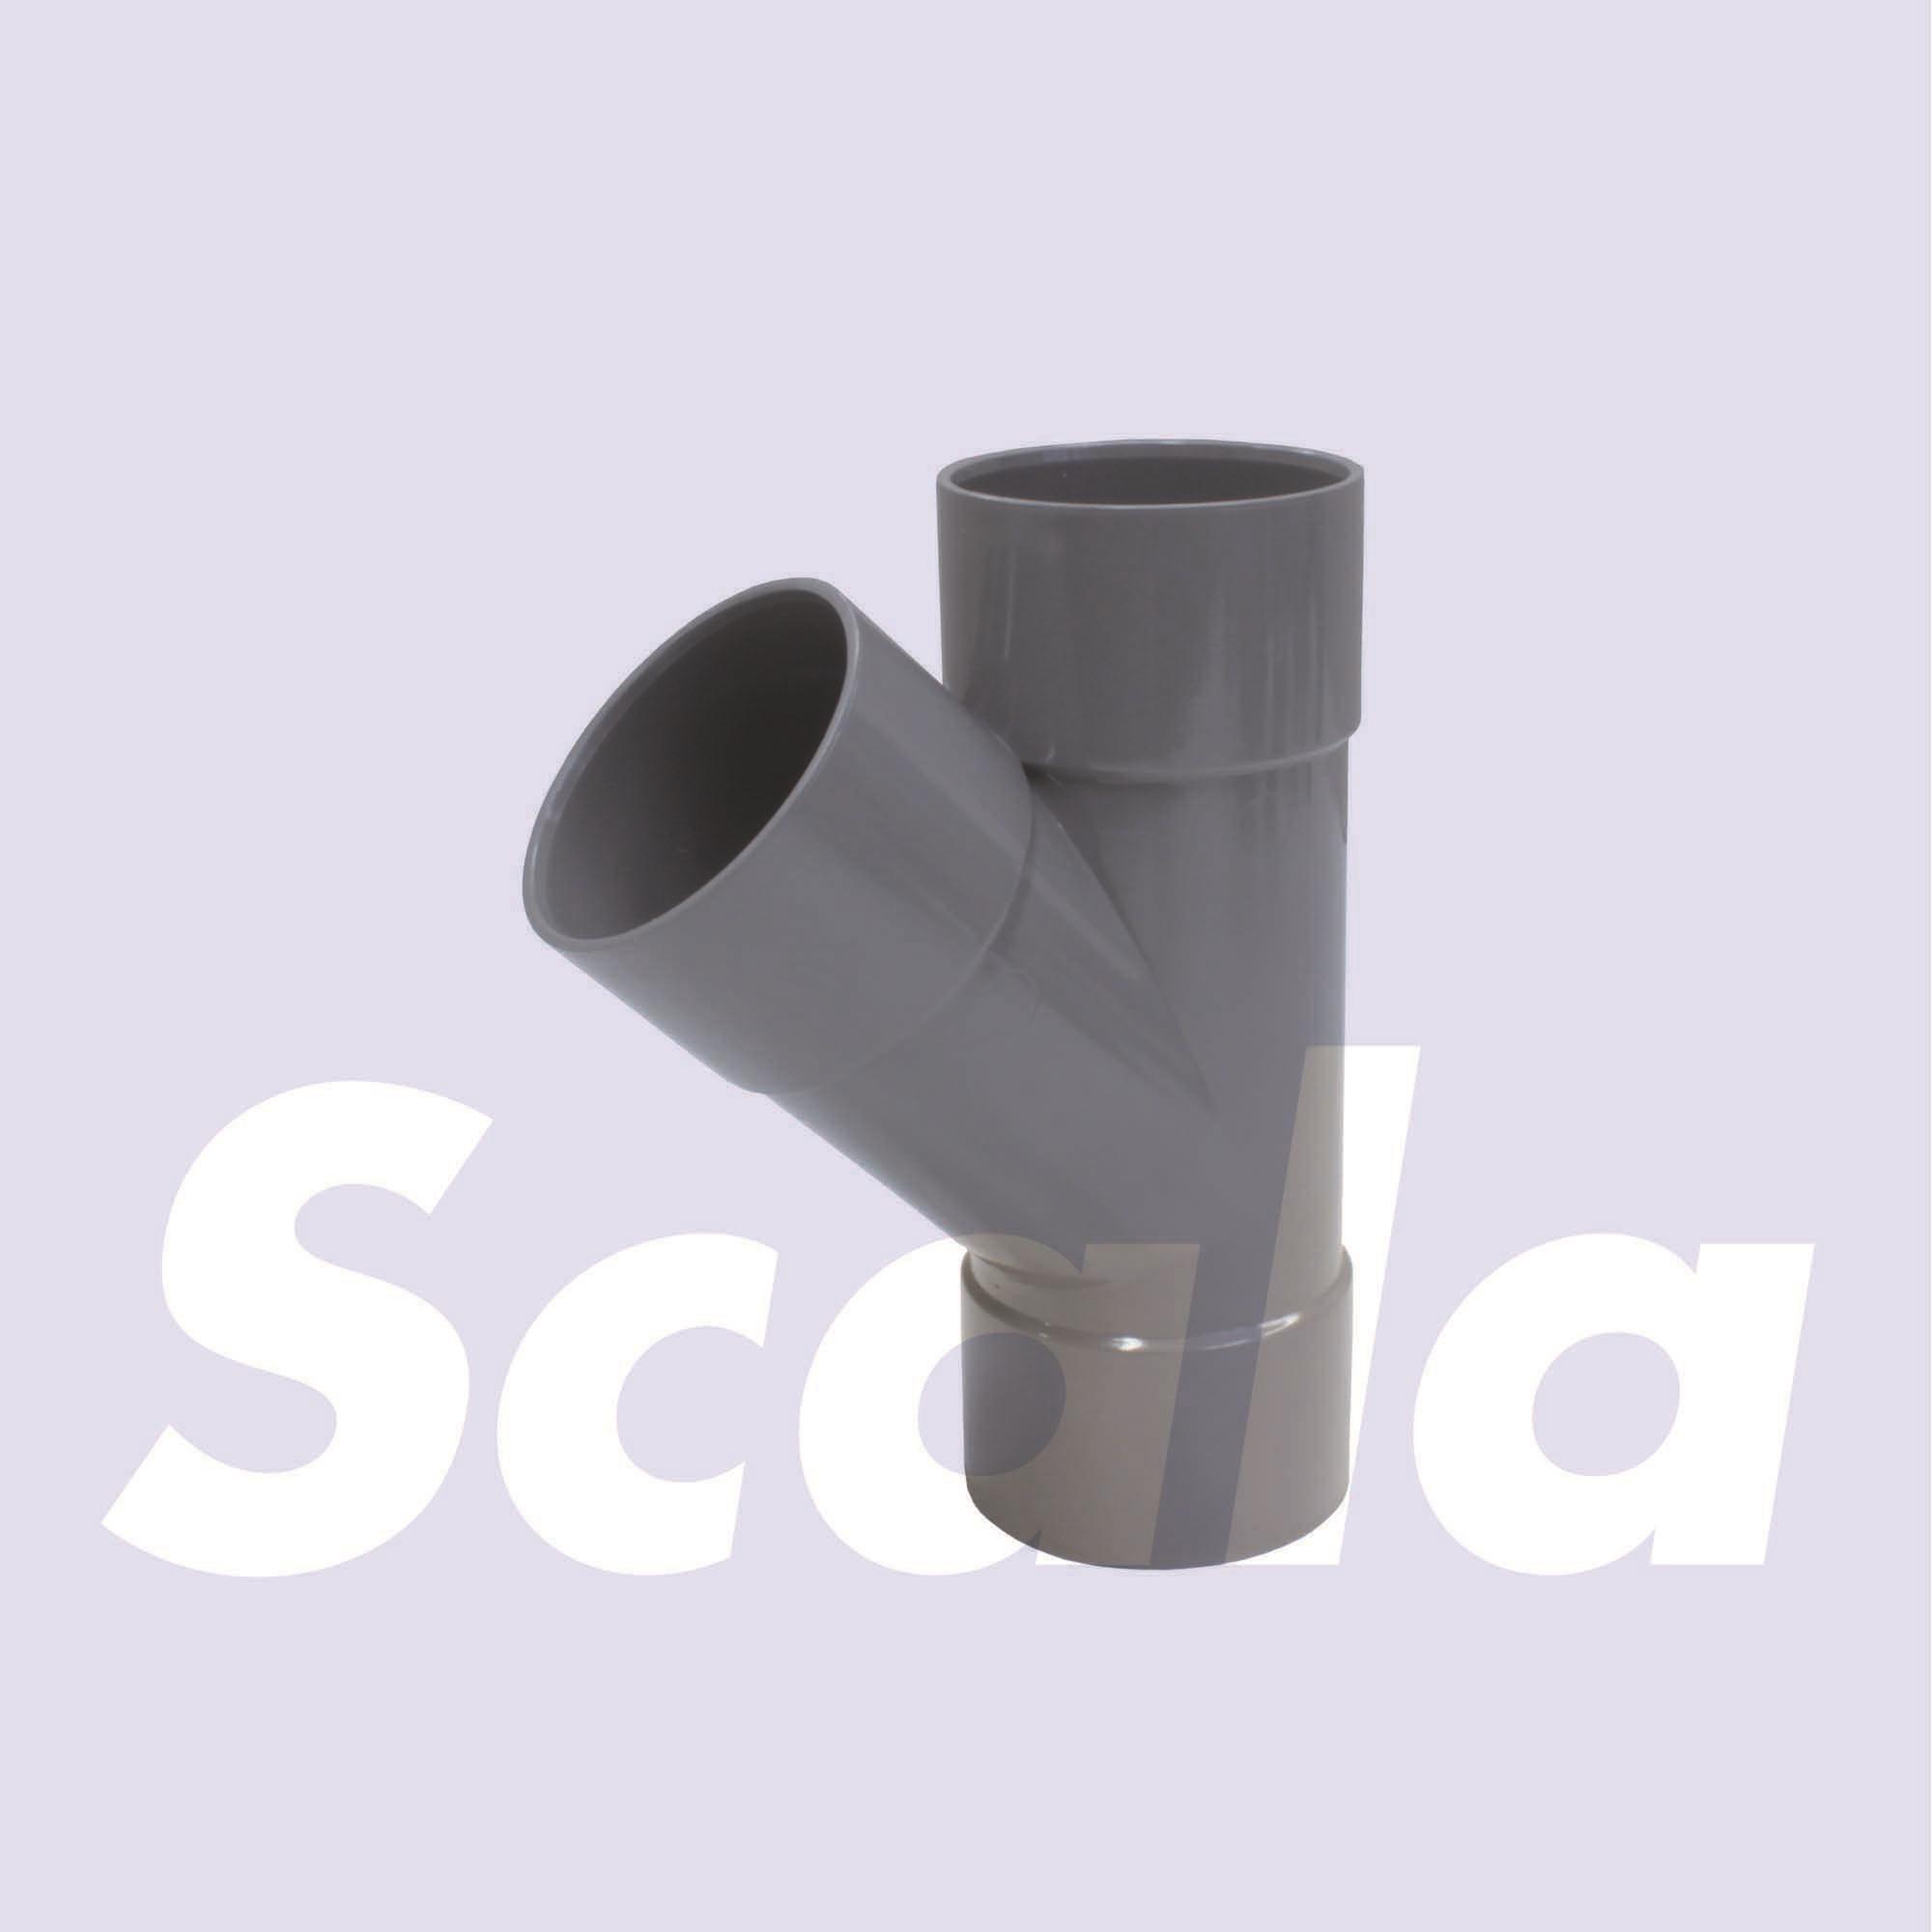 SAN. T-ST. SG DIA 50-45' F/F